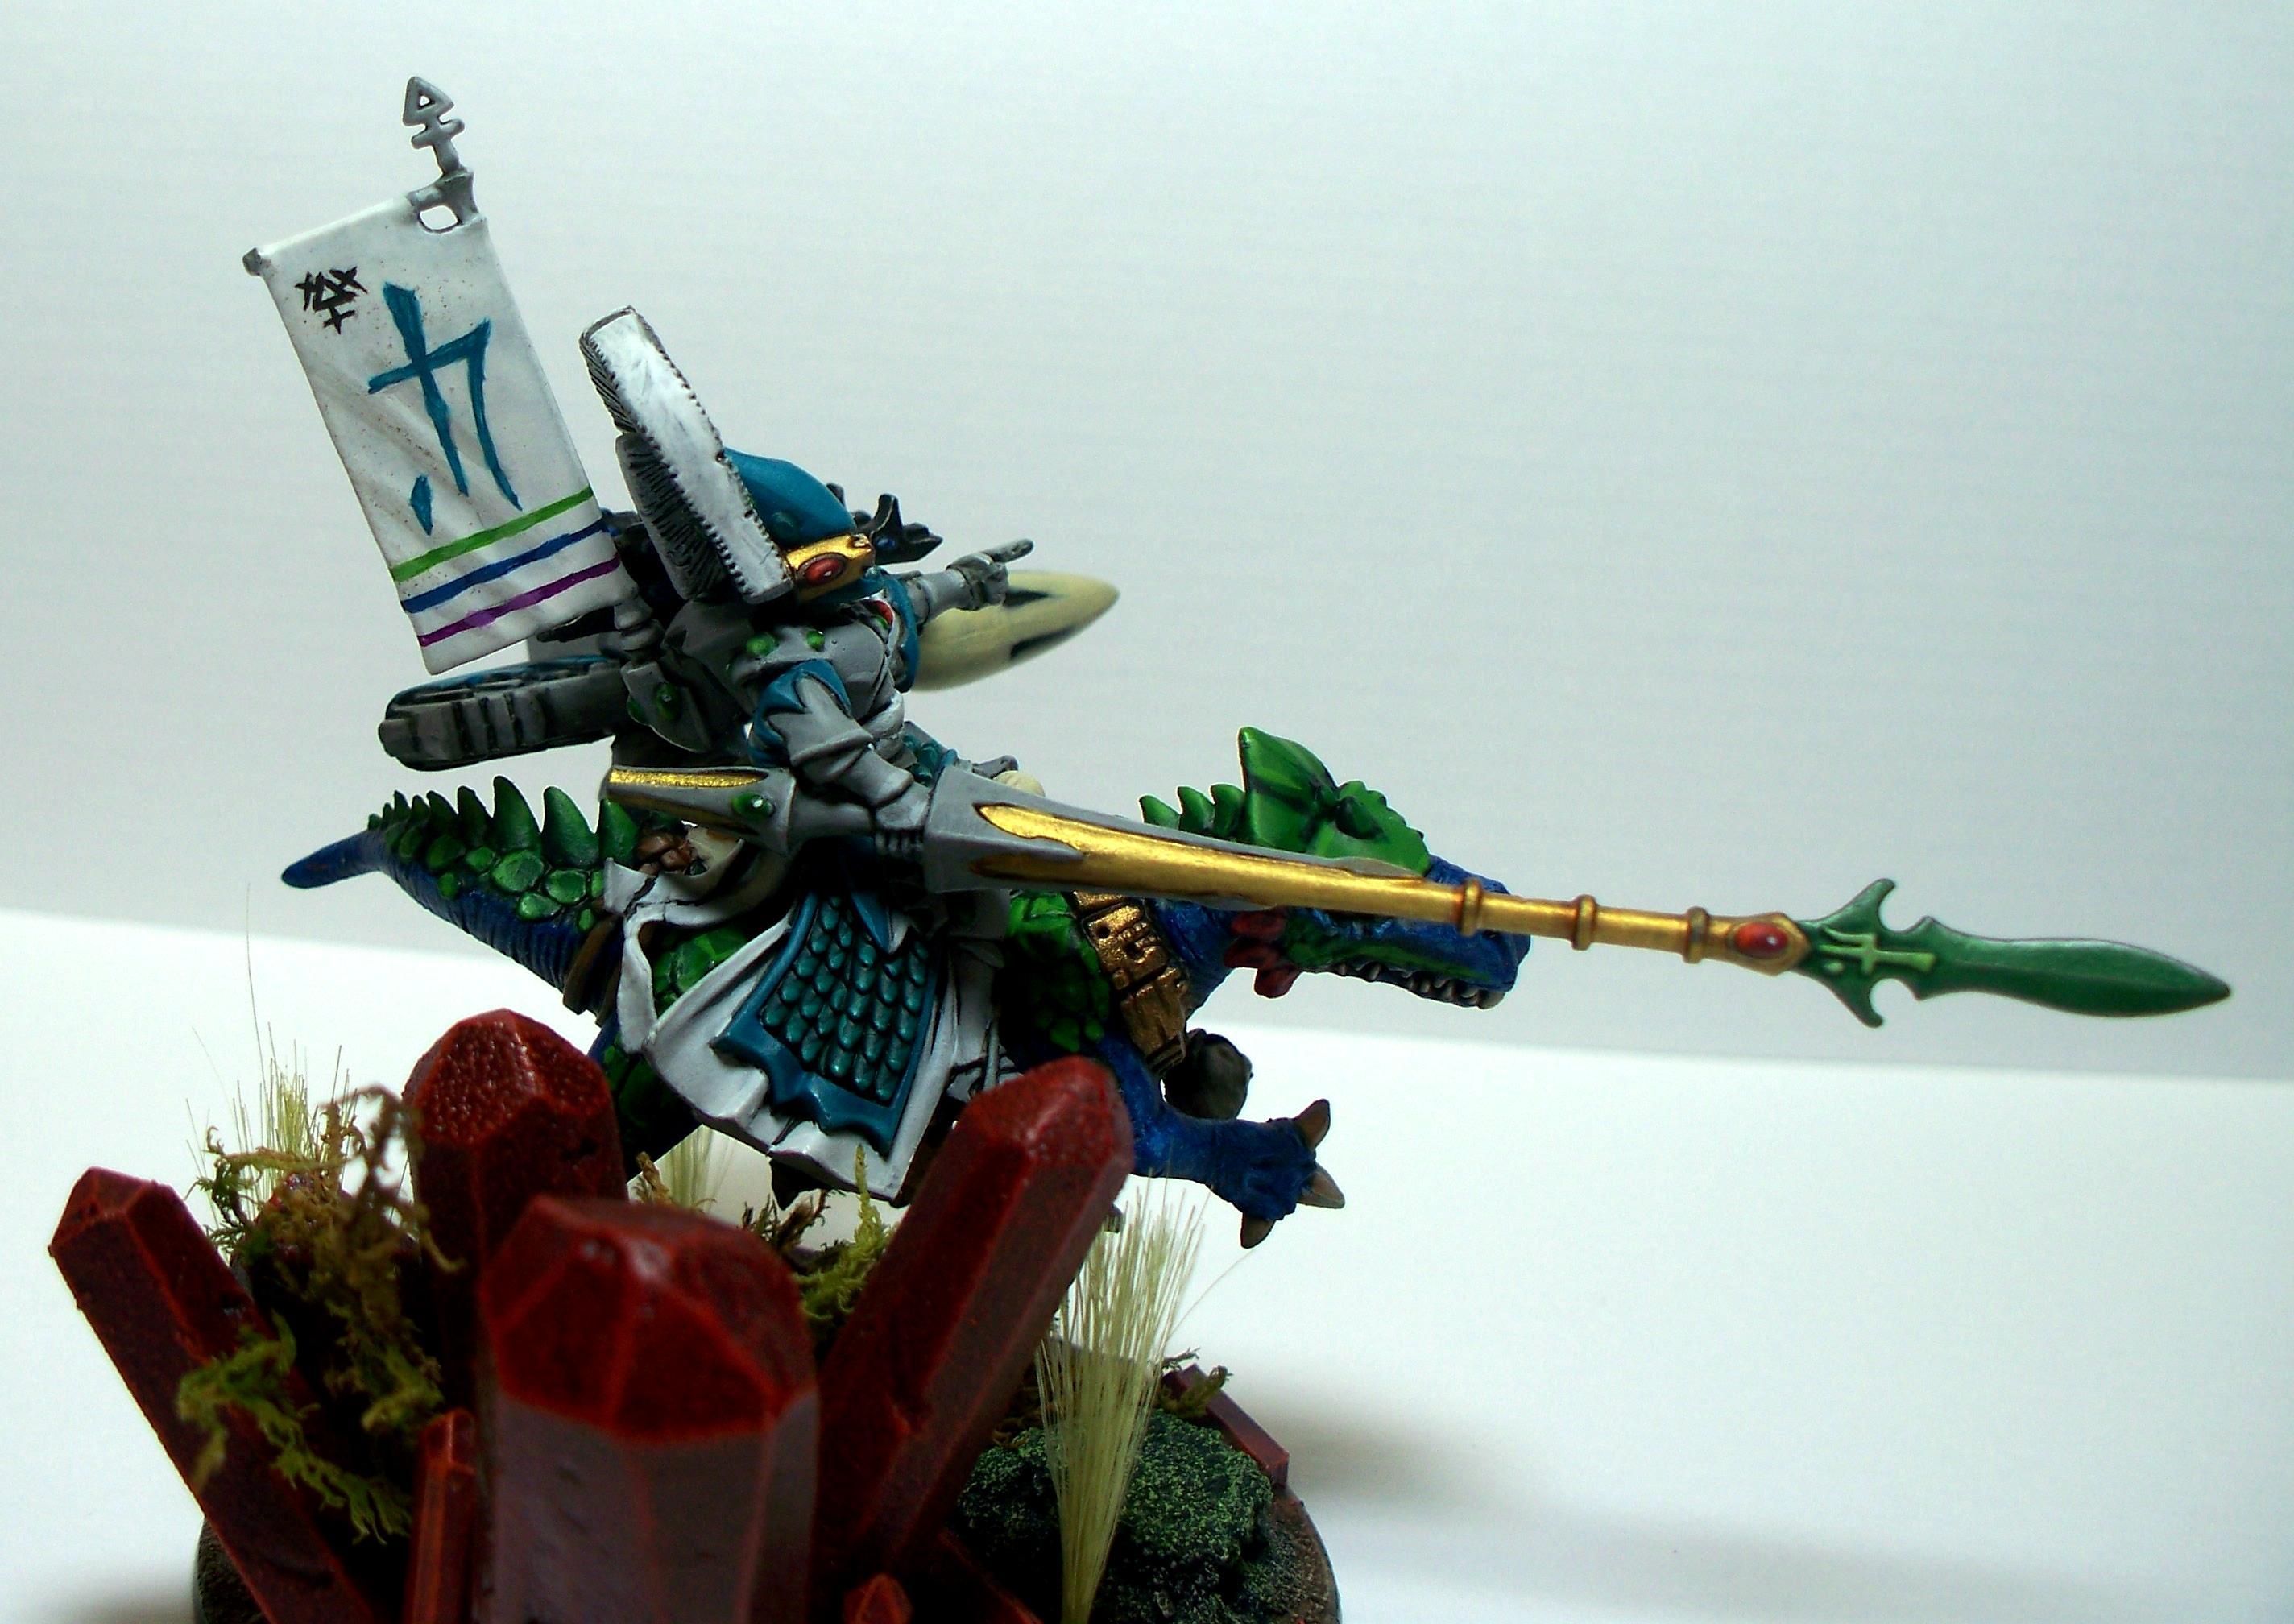 Autarch, Dragon Knight, Dragon Lord, Eldar, Exodites, Warhammer 40,000